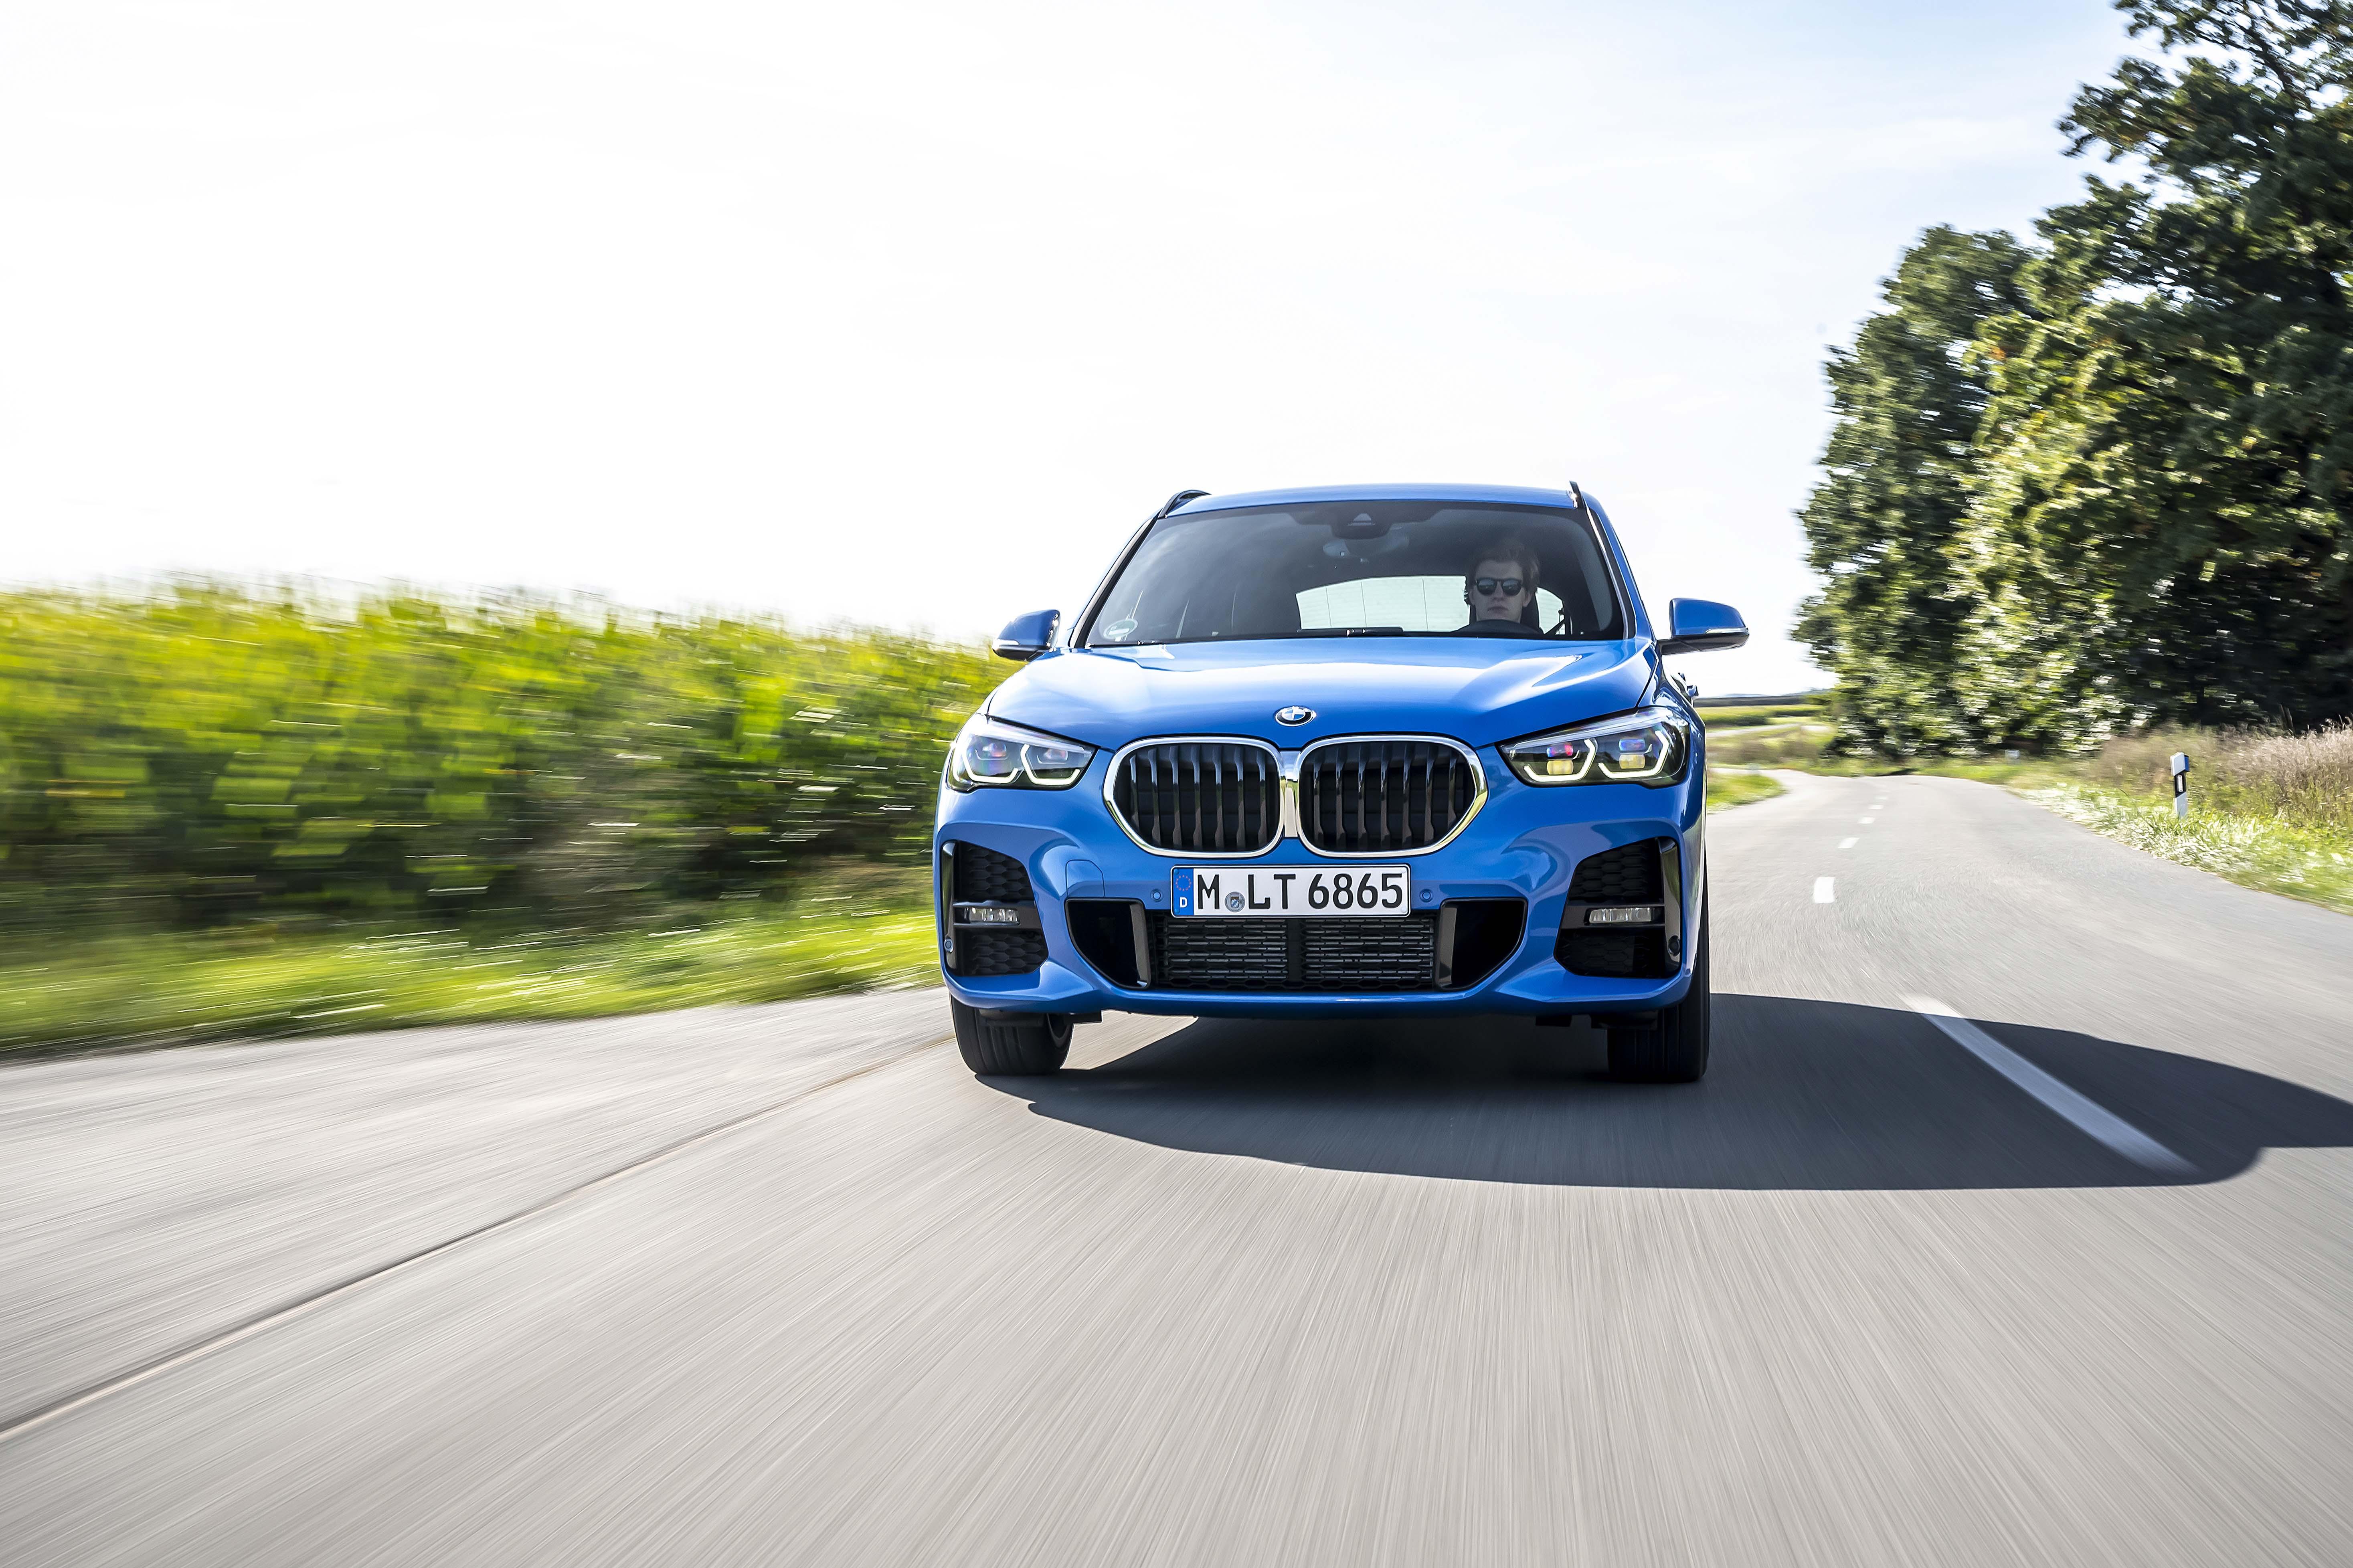 Bmw Car Blue Car Suv Luxury Car 5869x3912